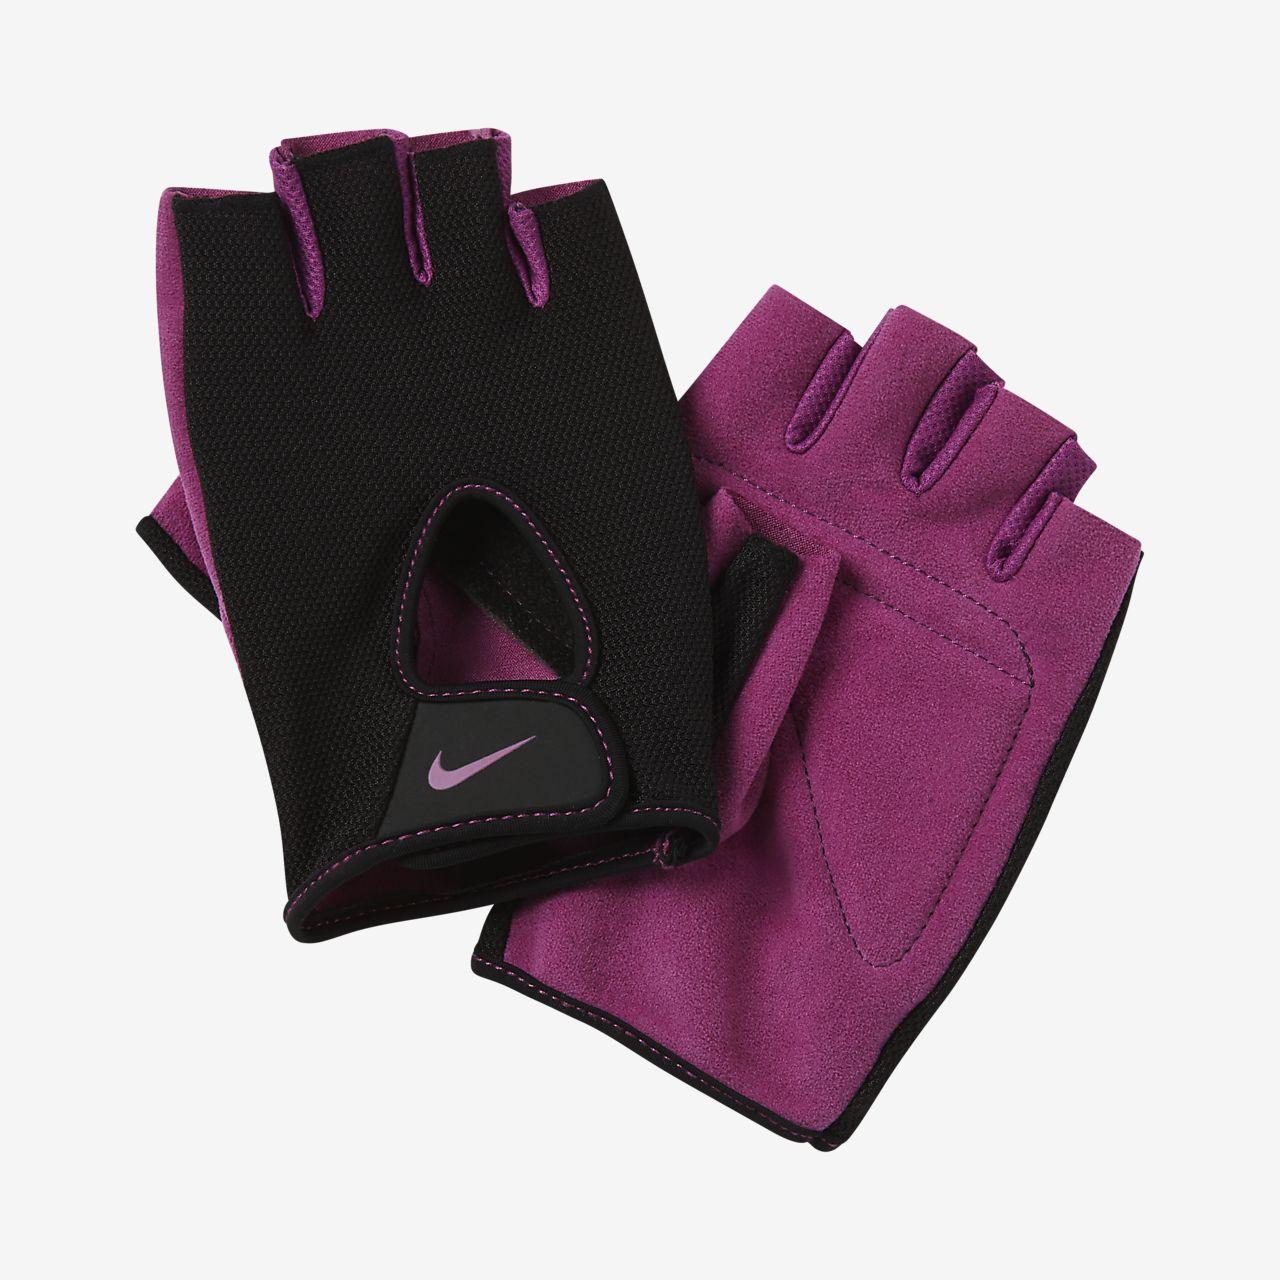 Träningshandskar Nike Fundamental 2.0 för kvinnor